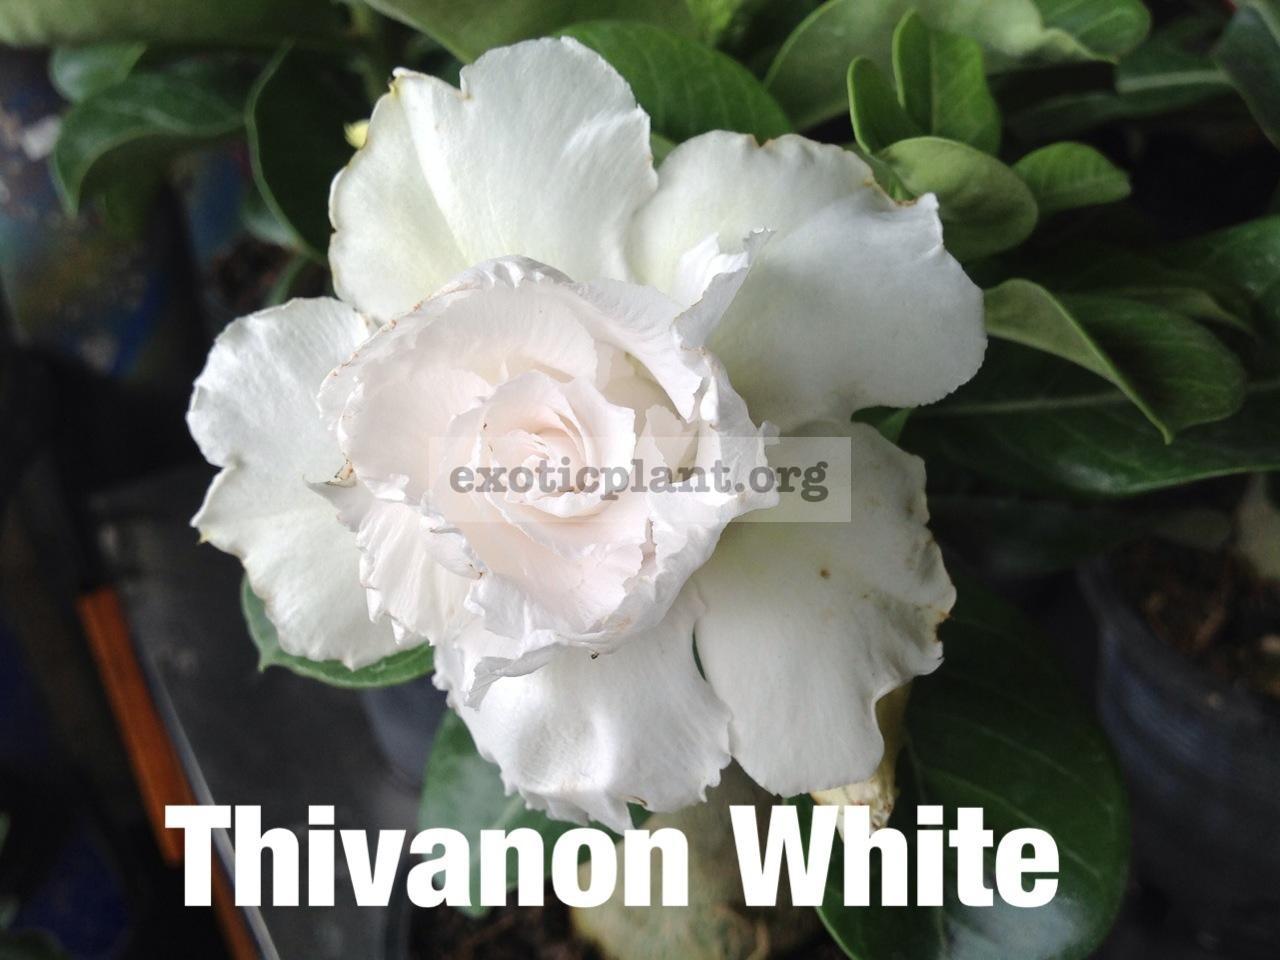 adenium Tivanon White 24